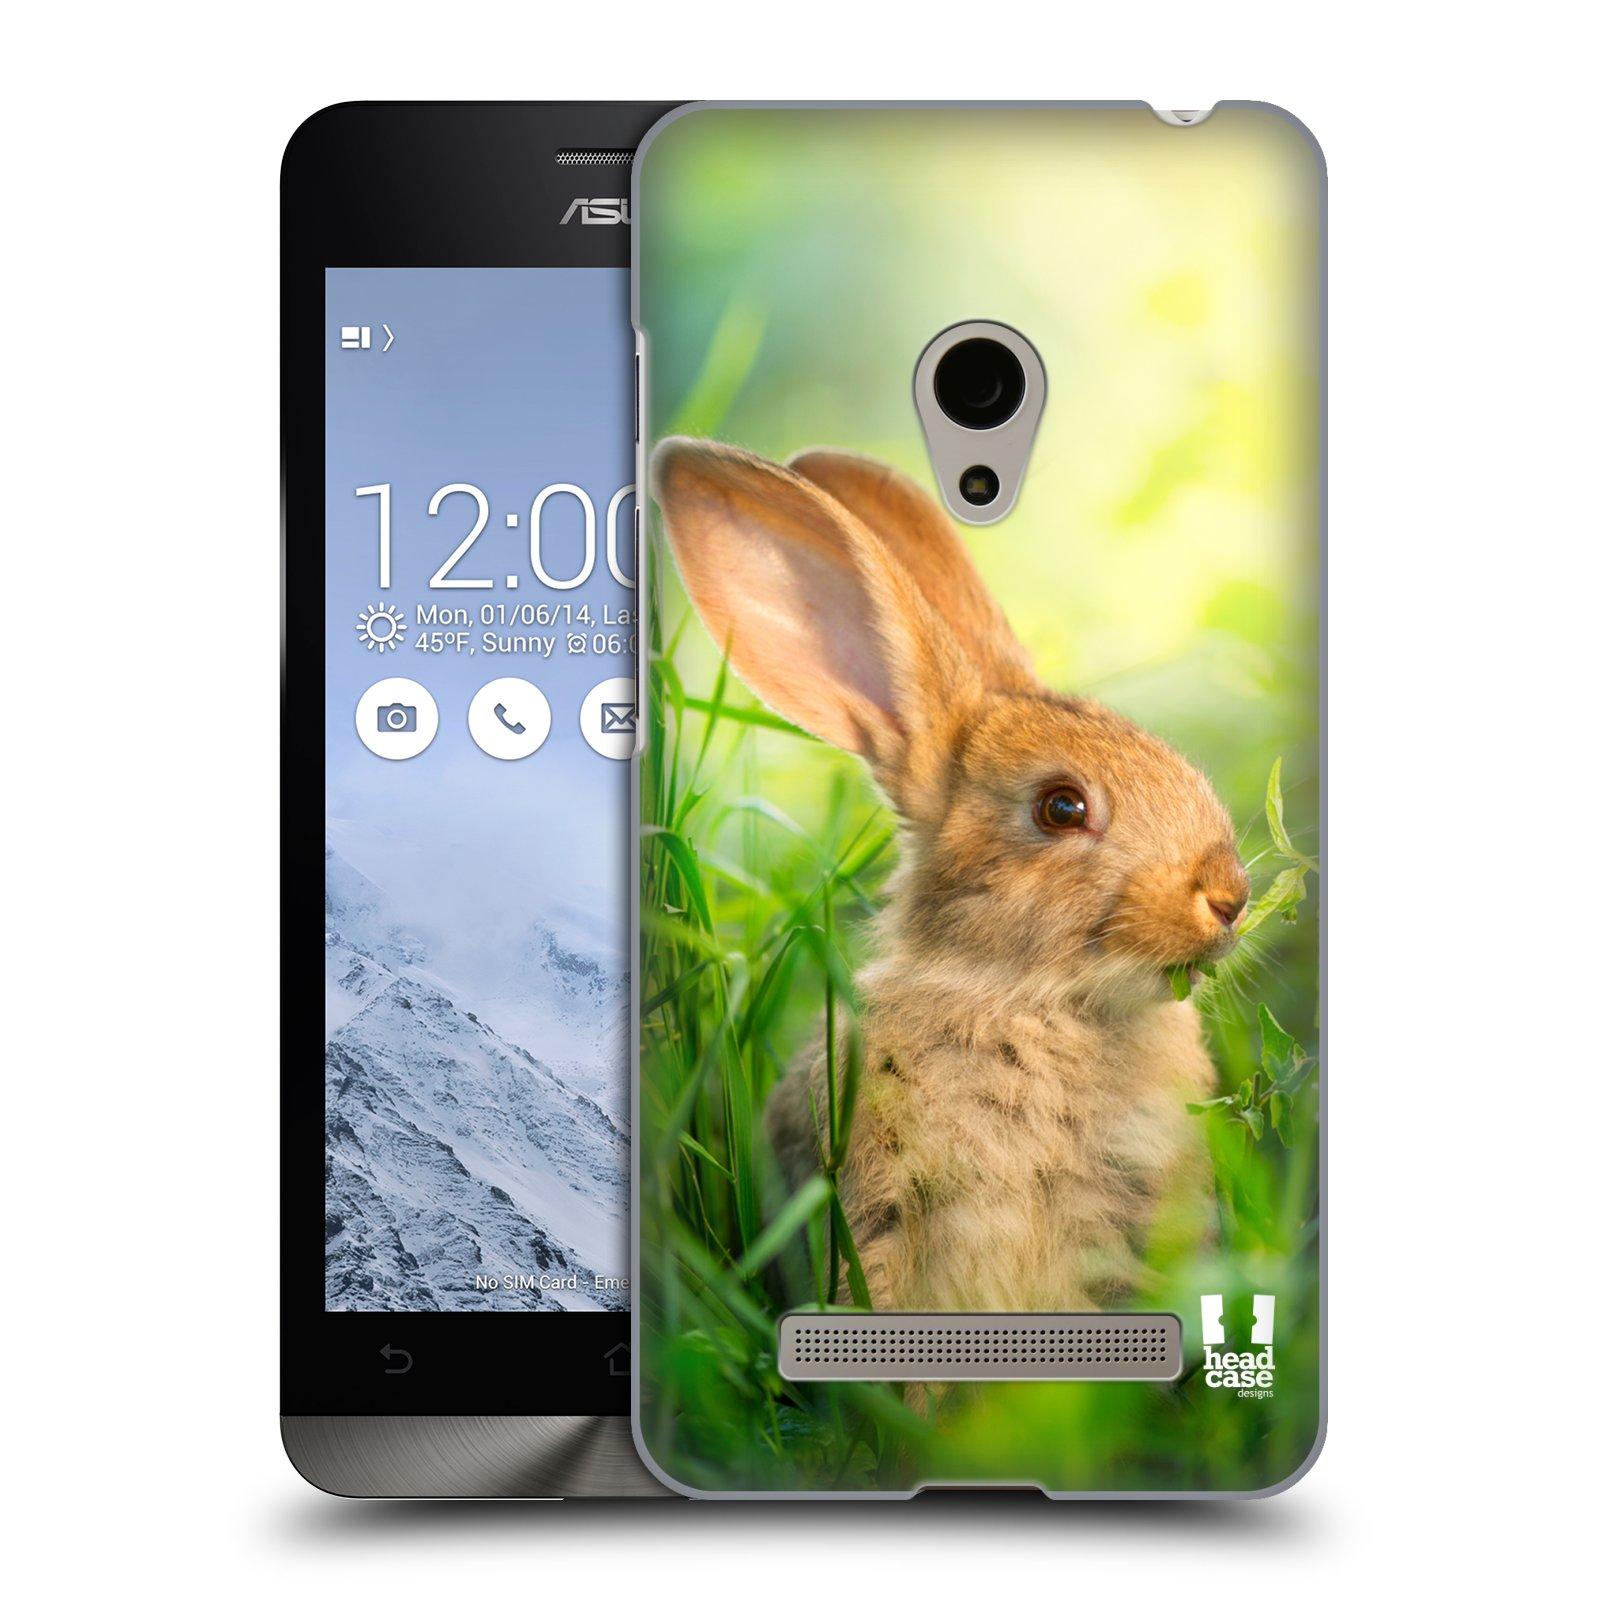 HEAD CASE plastový obal na mobil Asus Zenfone 5 vzor Divočina, Divoký život a zvířata foto ZAJÍČEK V TRÁVĚ ZELENÁ